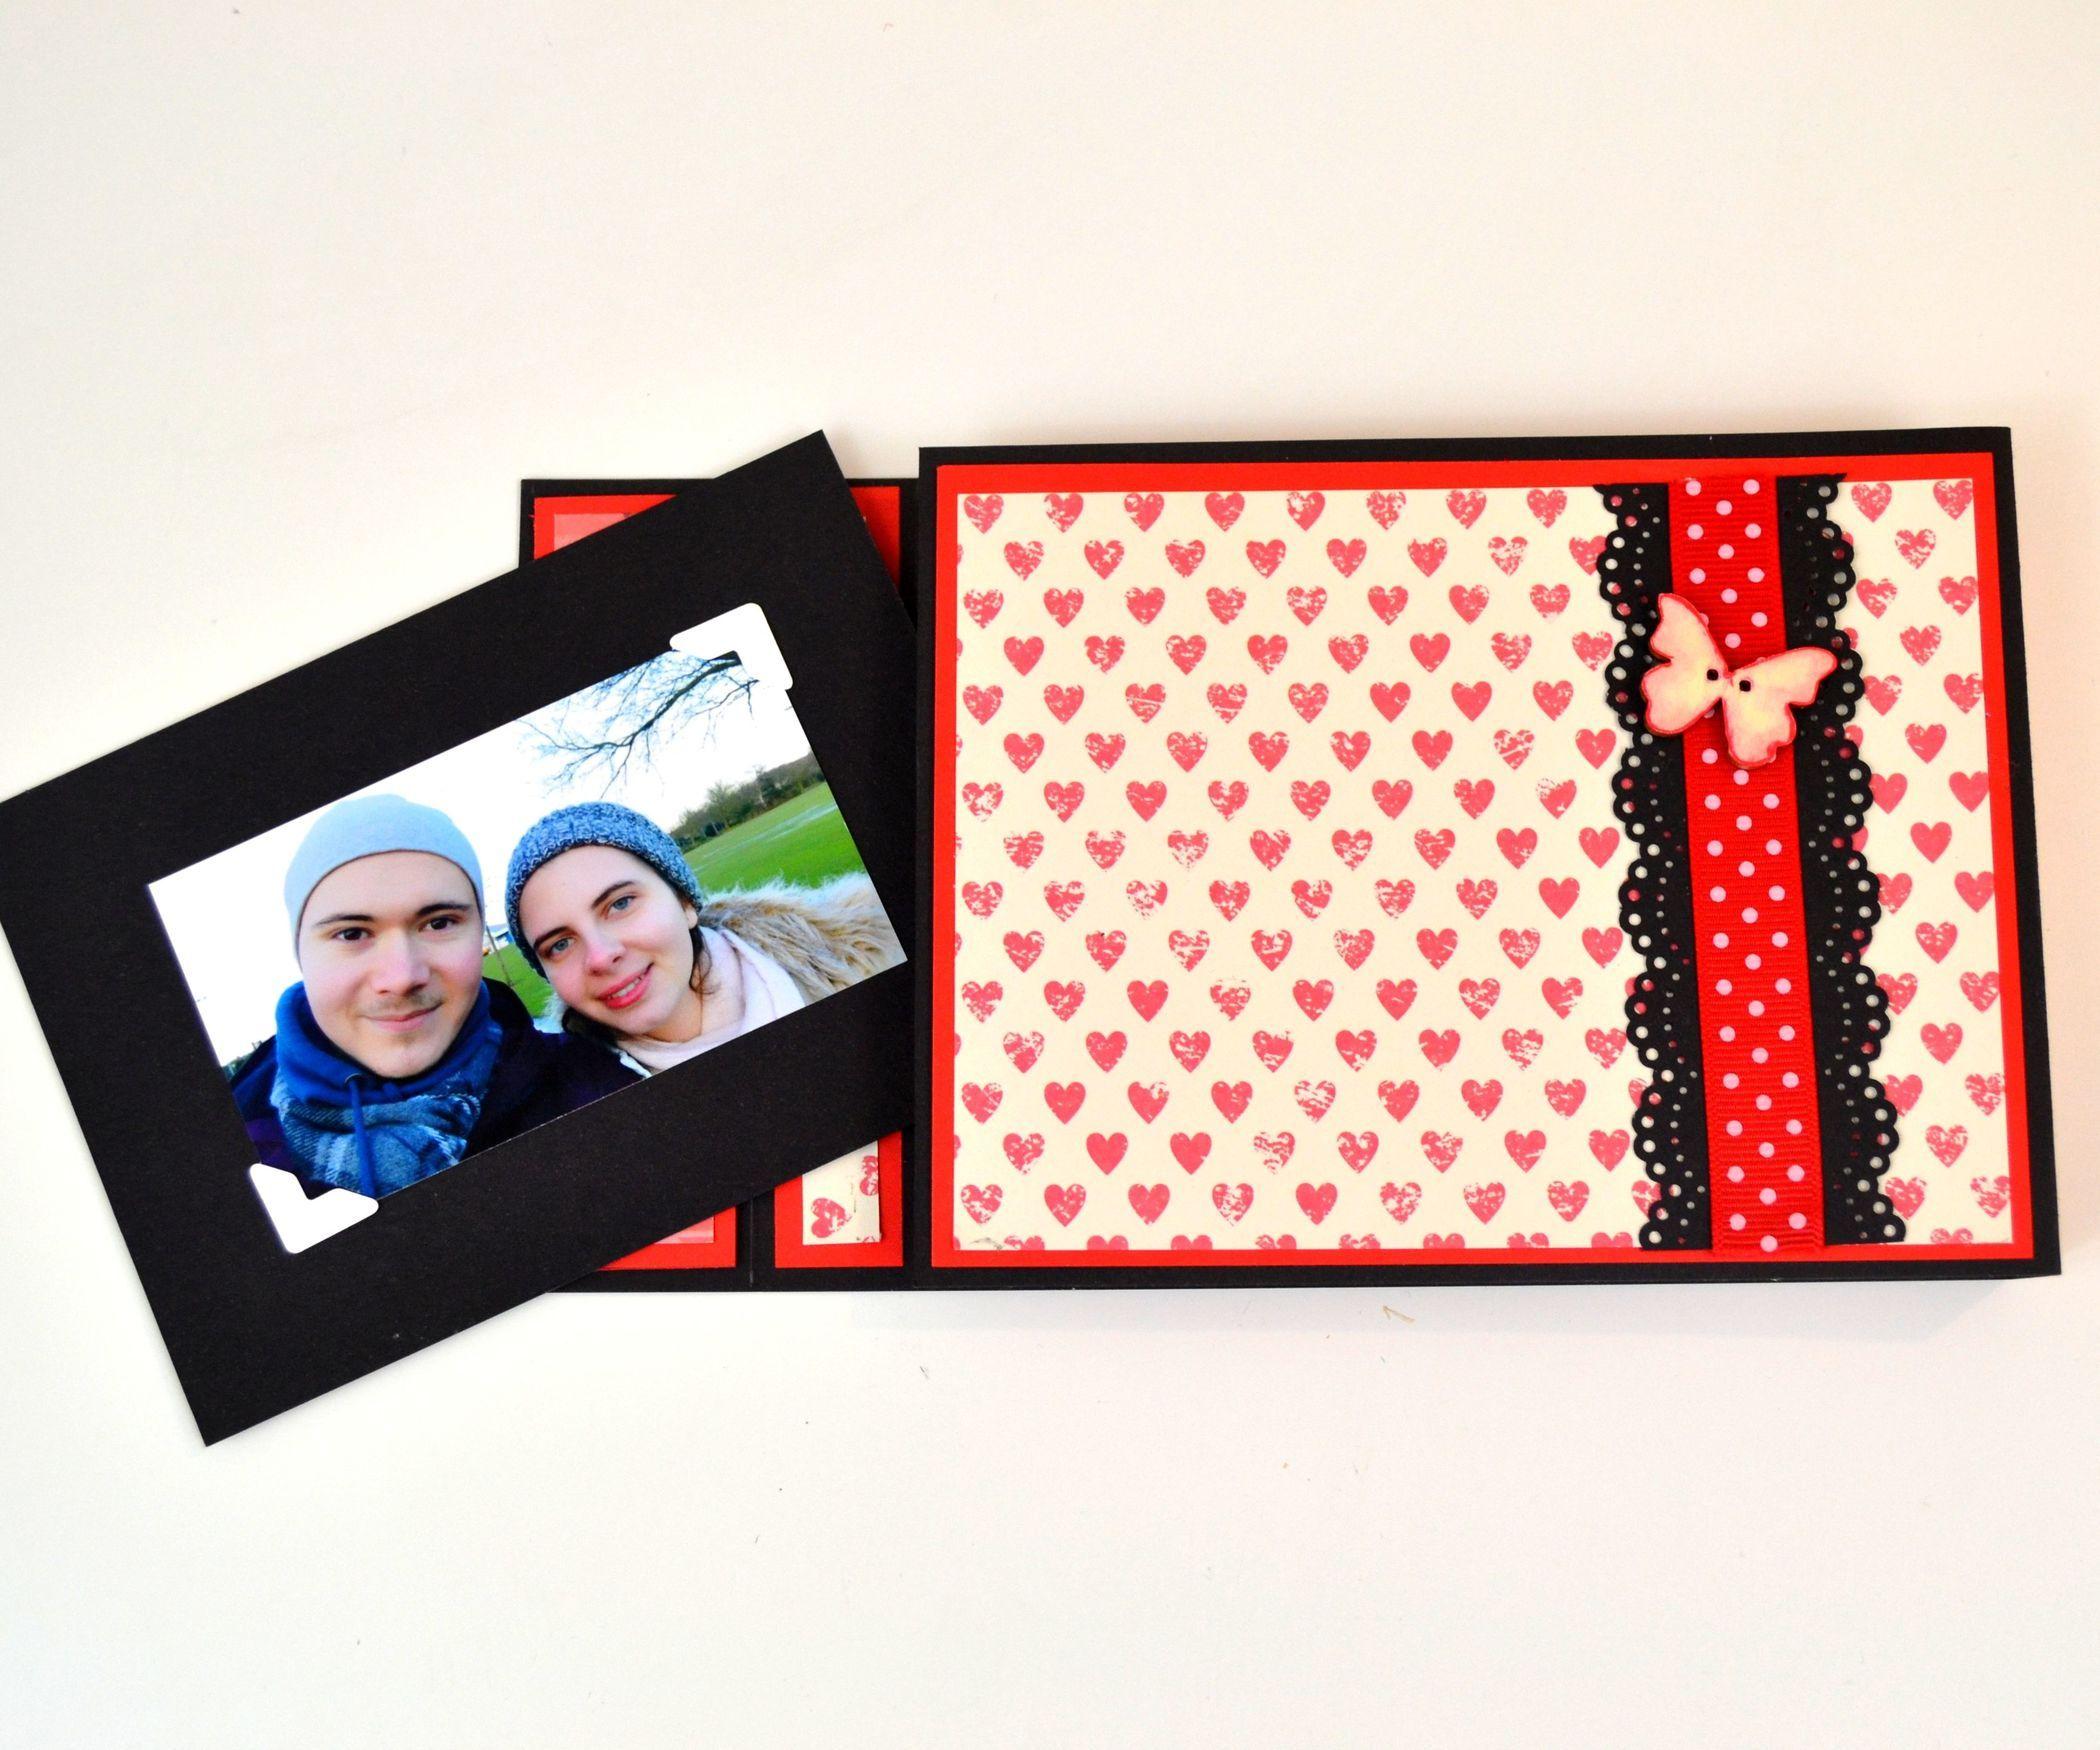 Diy crafts how to make a mini album card paper photo